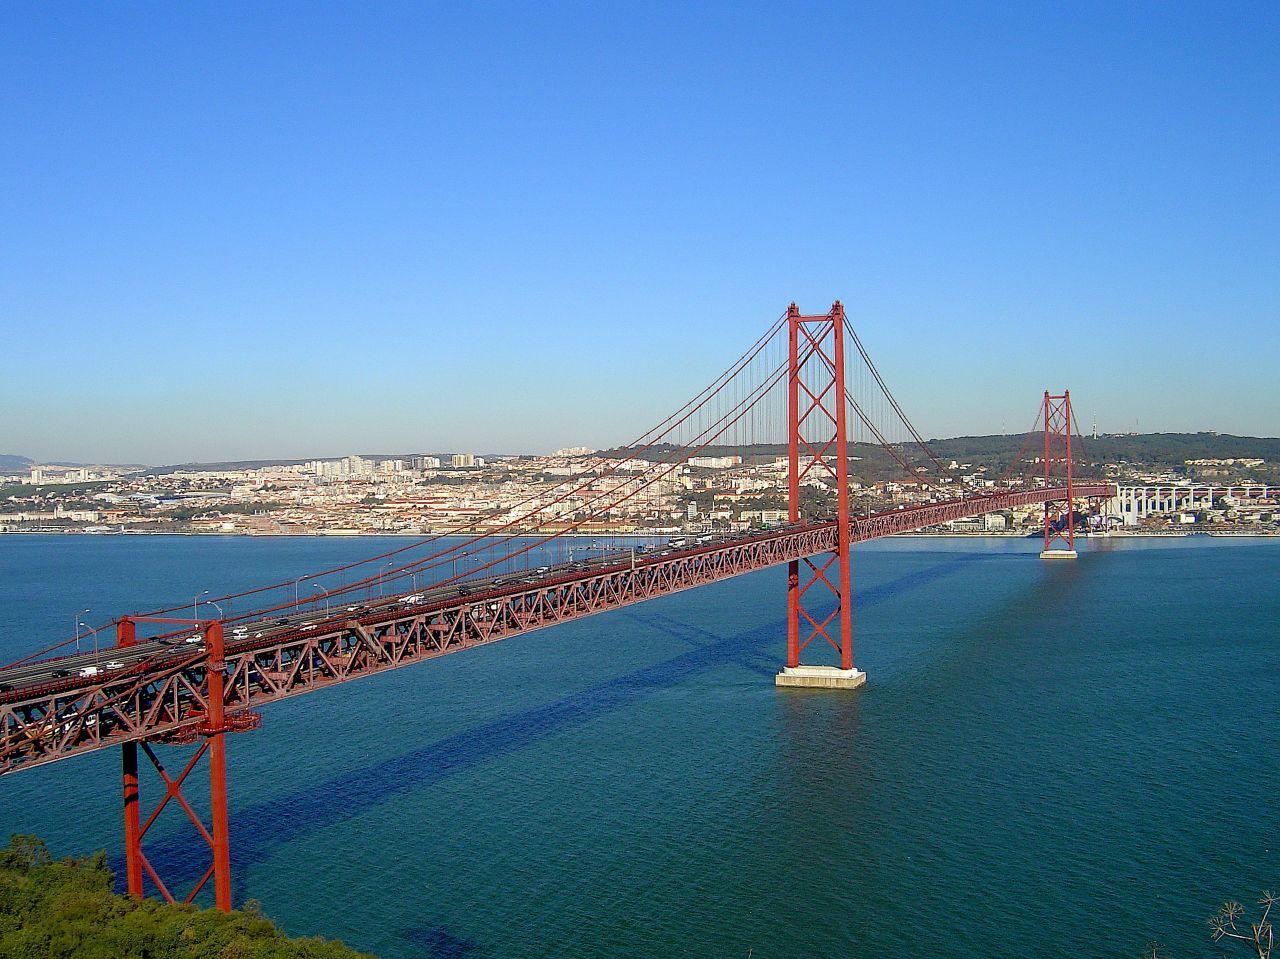 Matkasuunnitelma: Lissabon